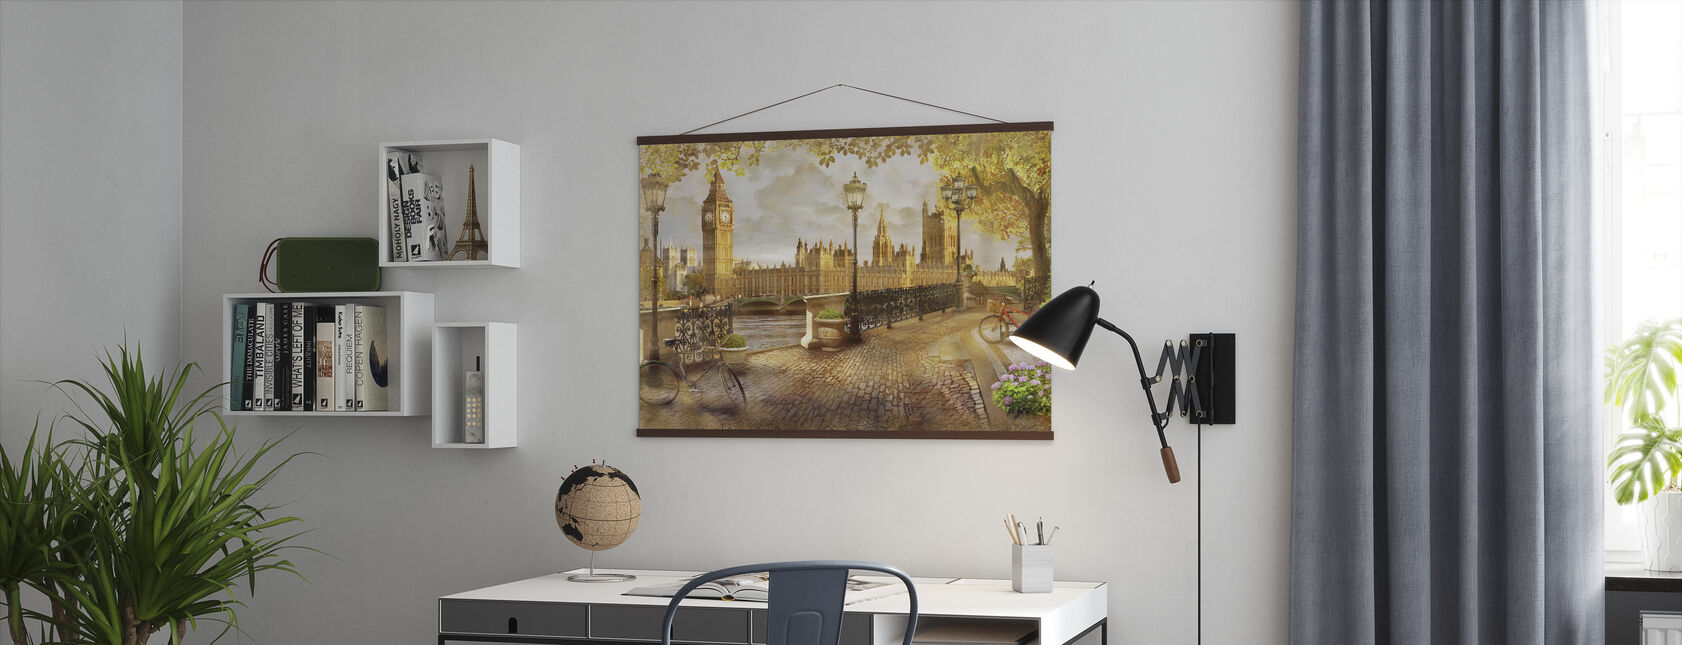 London Big Ben View - Poster - Kantoor